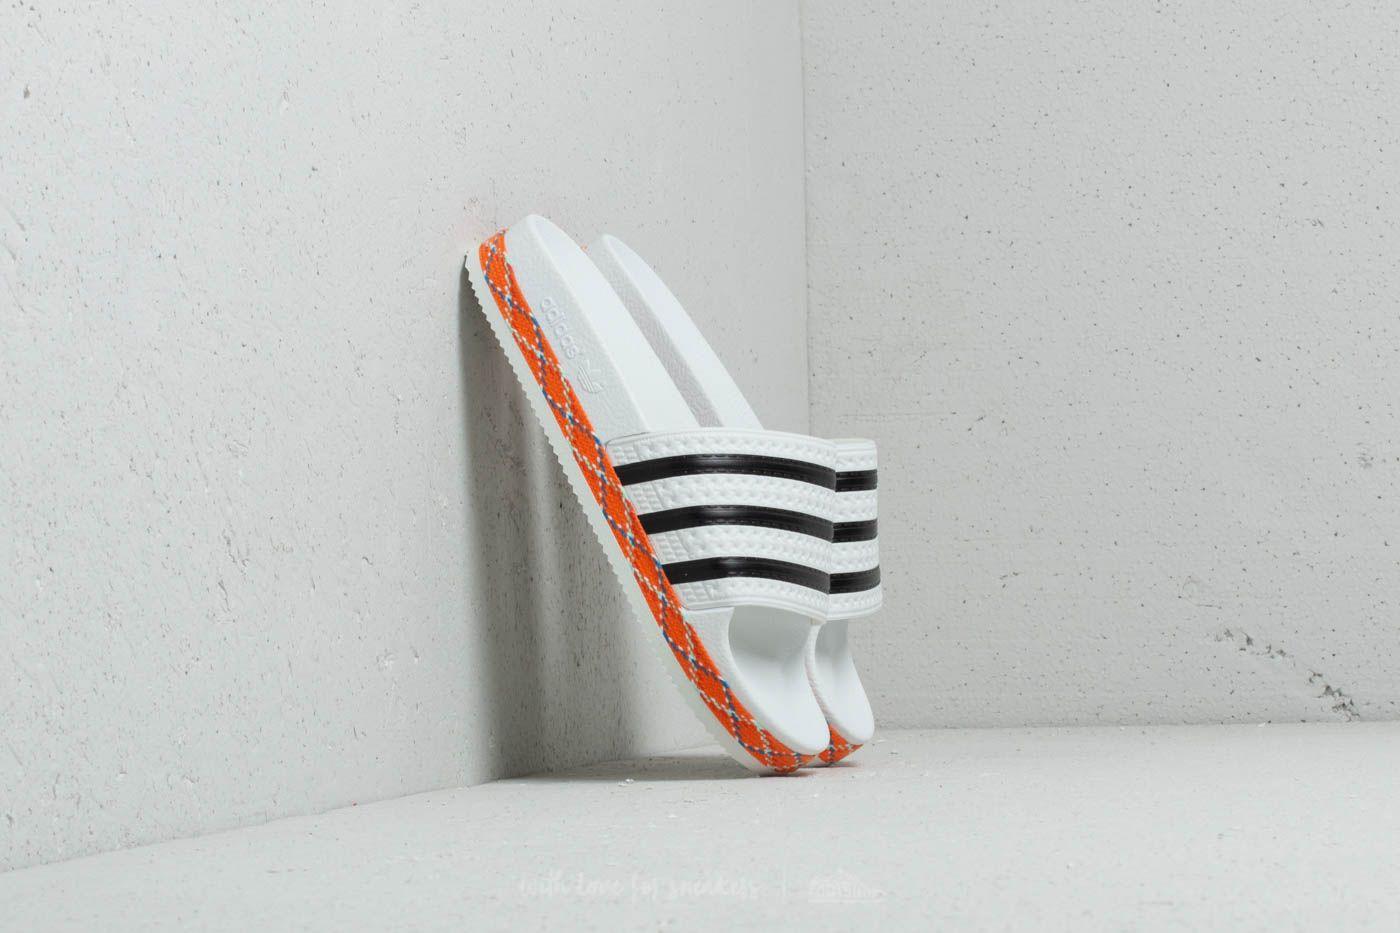 adidas Adilette New Bold W Ftw White/ CORE Black/ Ftw White za skvělou cenu 1 490 Kč koupíte na Footshop.cz